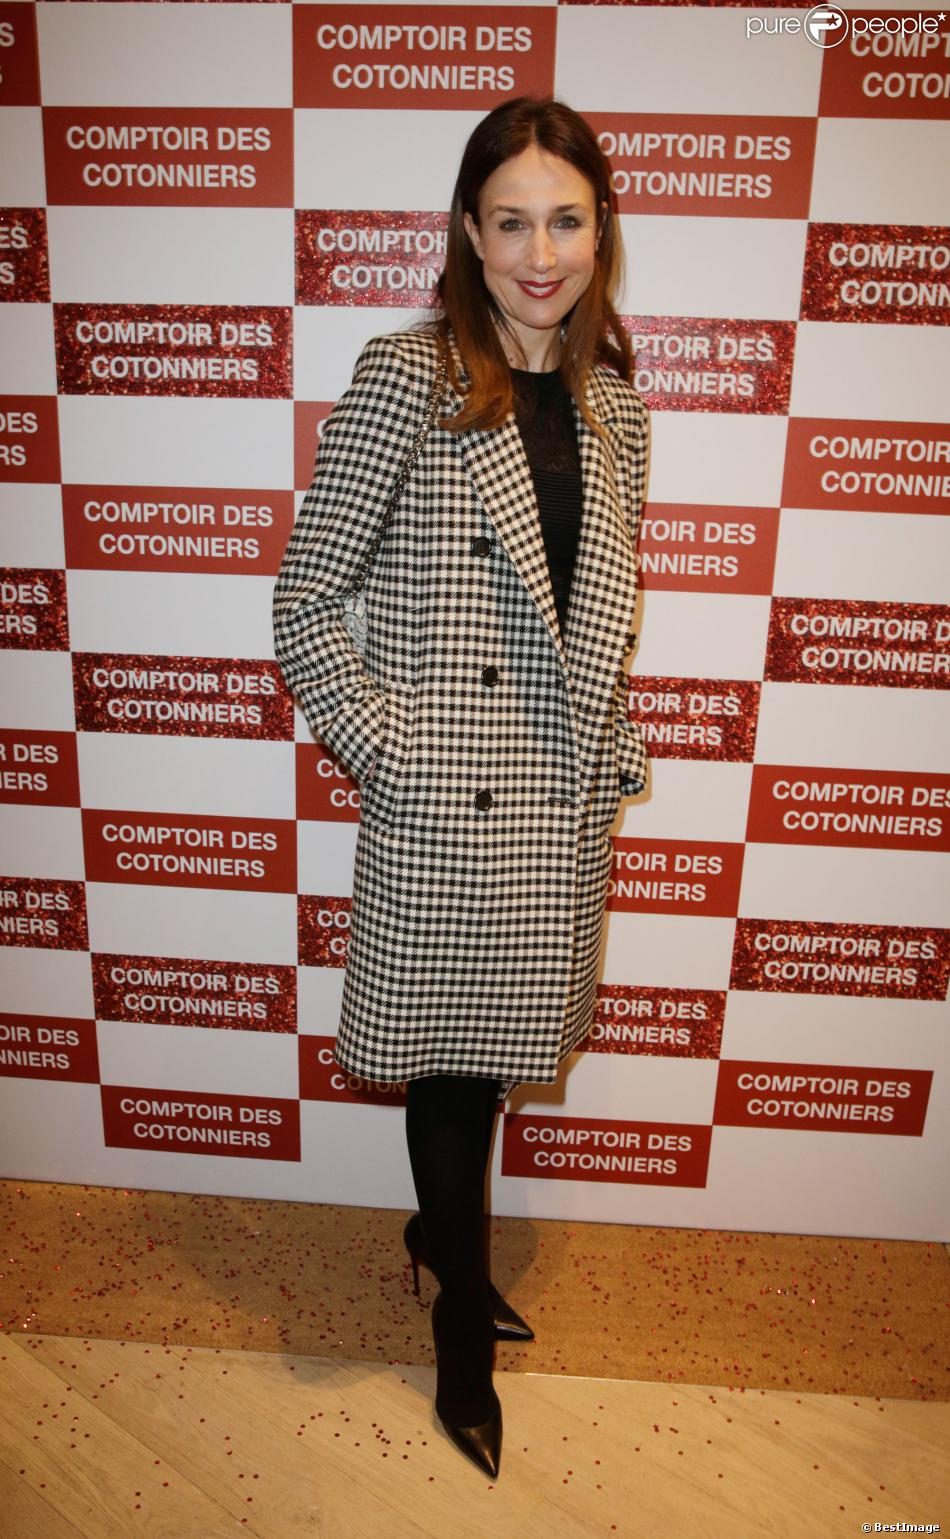 Elsa zylberstein lors de l 39 inauguration d 39 une nouvelle boutique comptoir des cotonniers - Boutiques comptoir des cotonniers ...